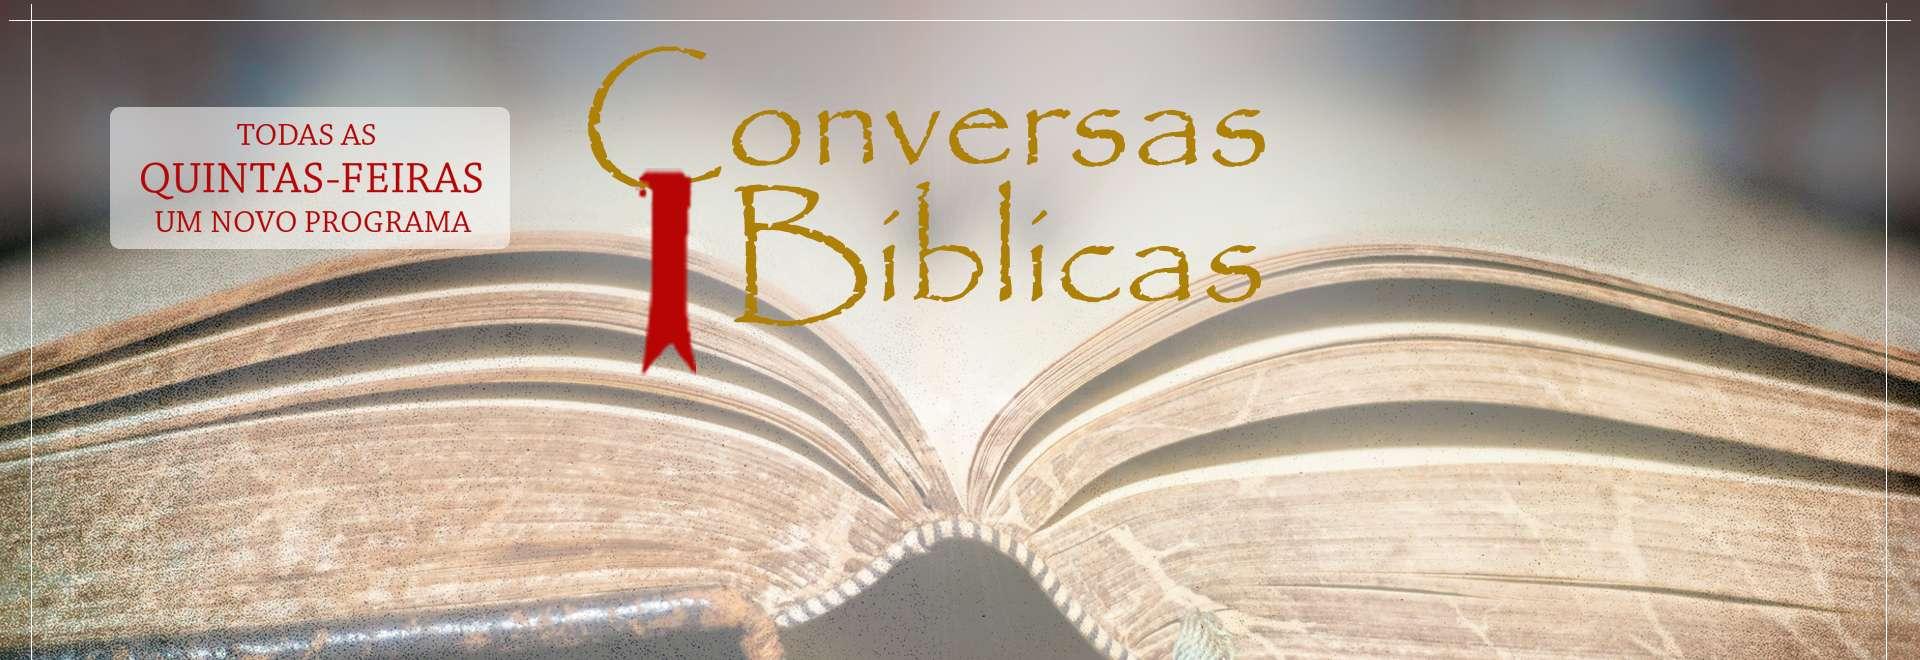 Conversas Bíblicas: Israel e a Igreja - Parte 1